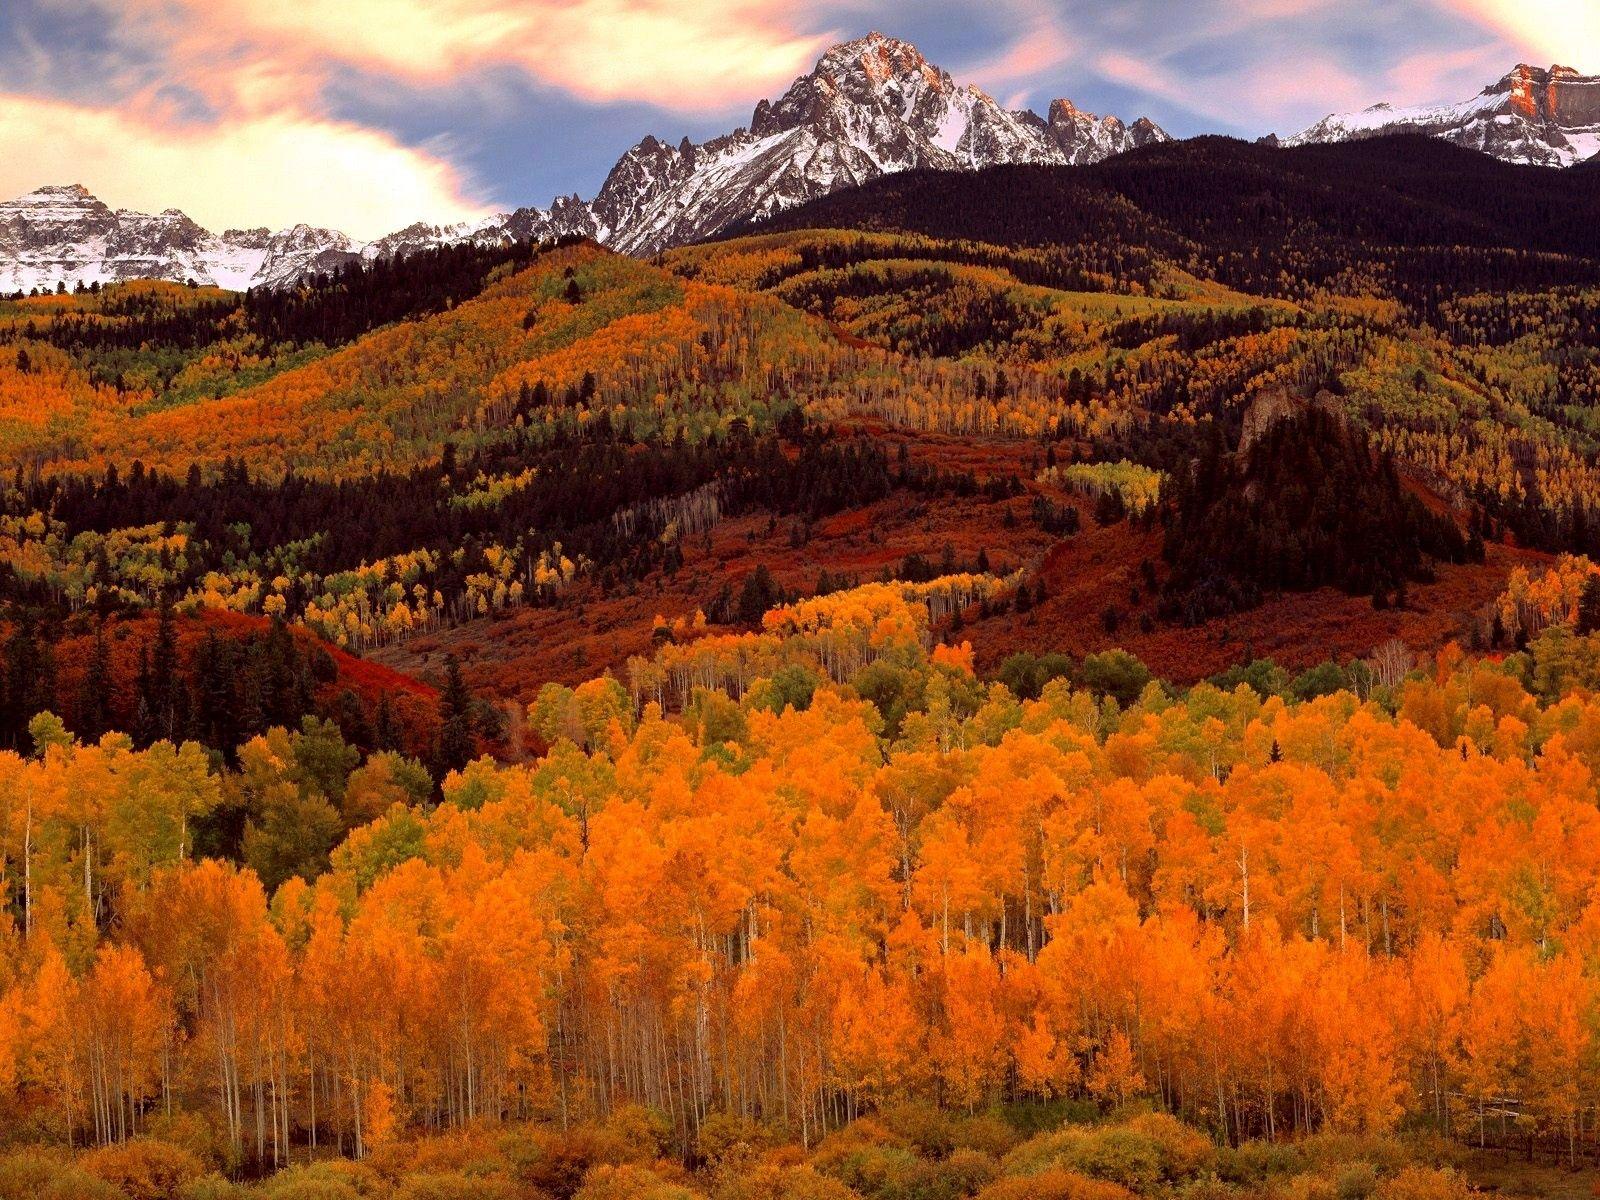 Autum Fields Beauty Earth Landscape Photography Nature Colorful Landscape Nature Photos